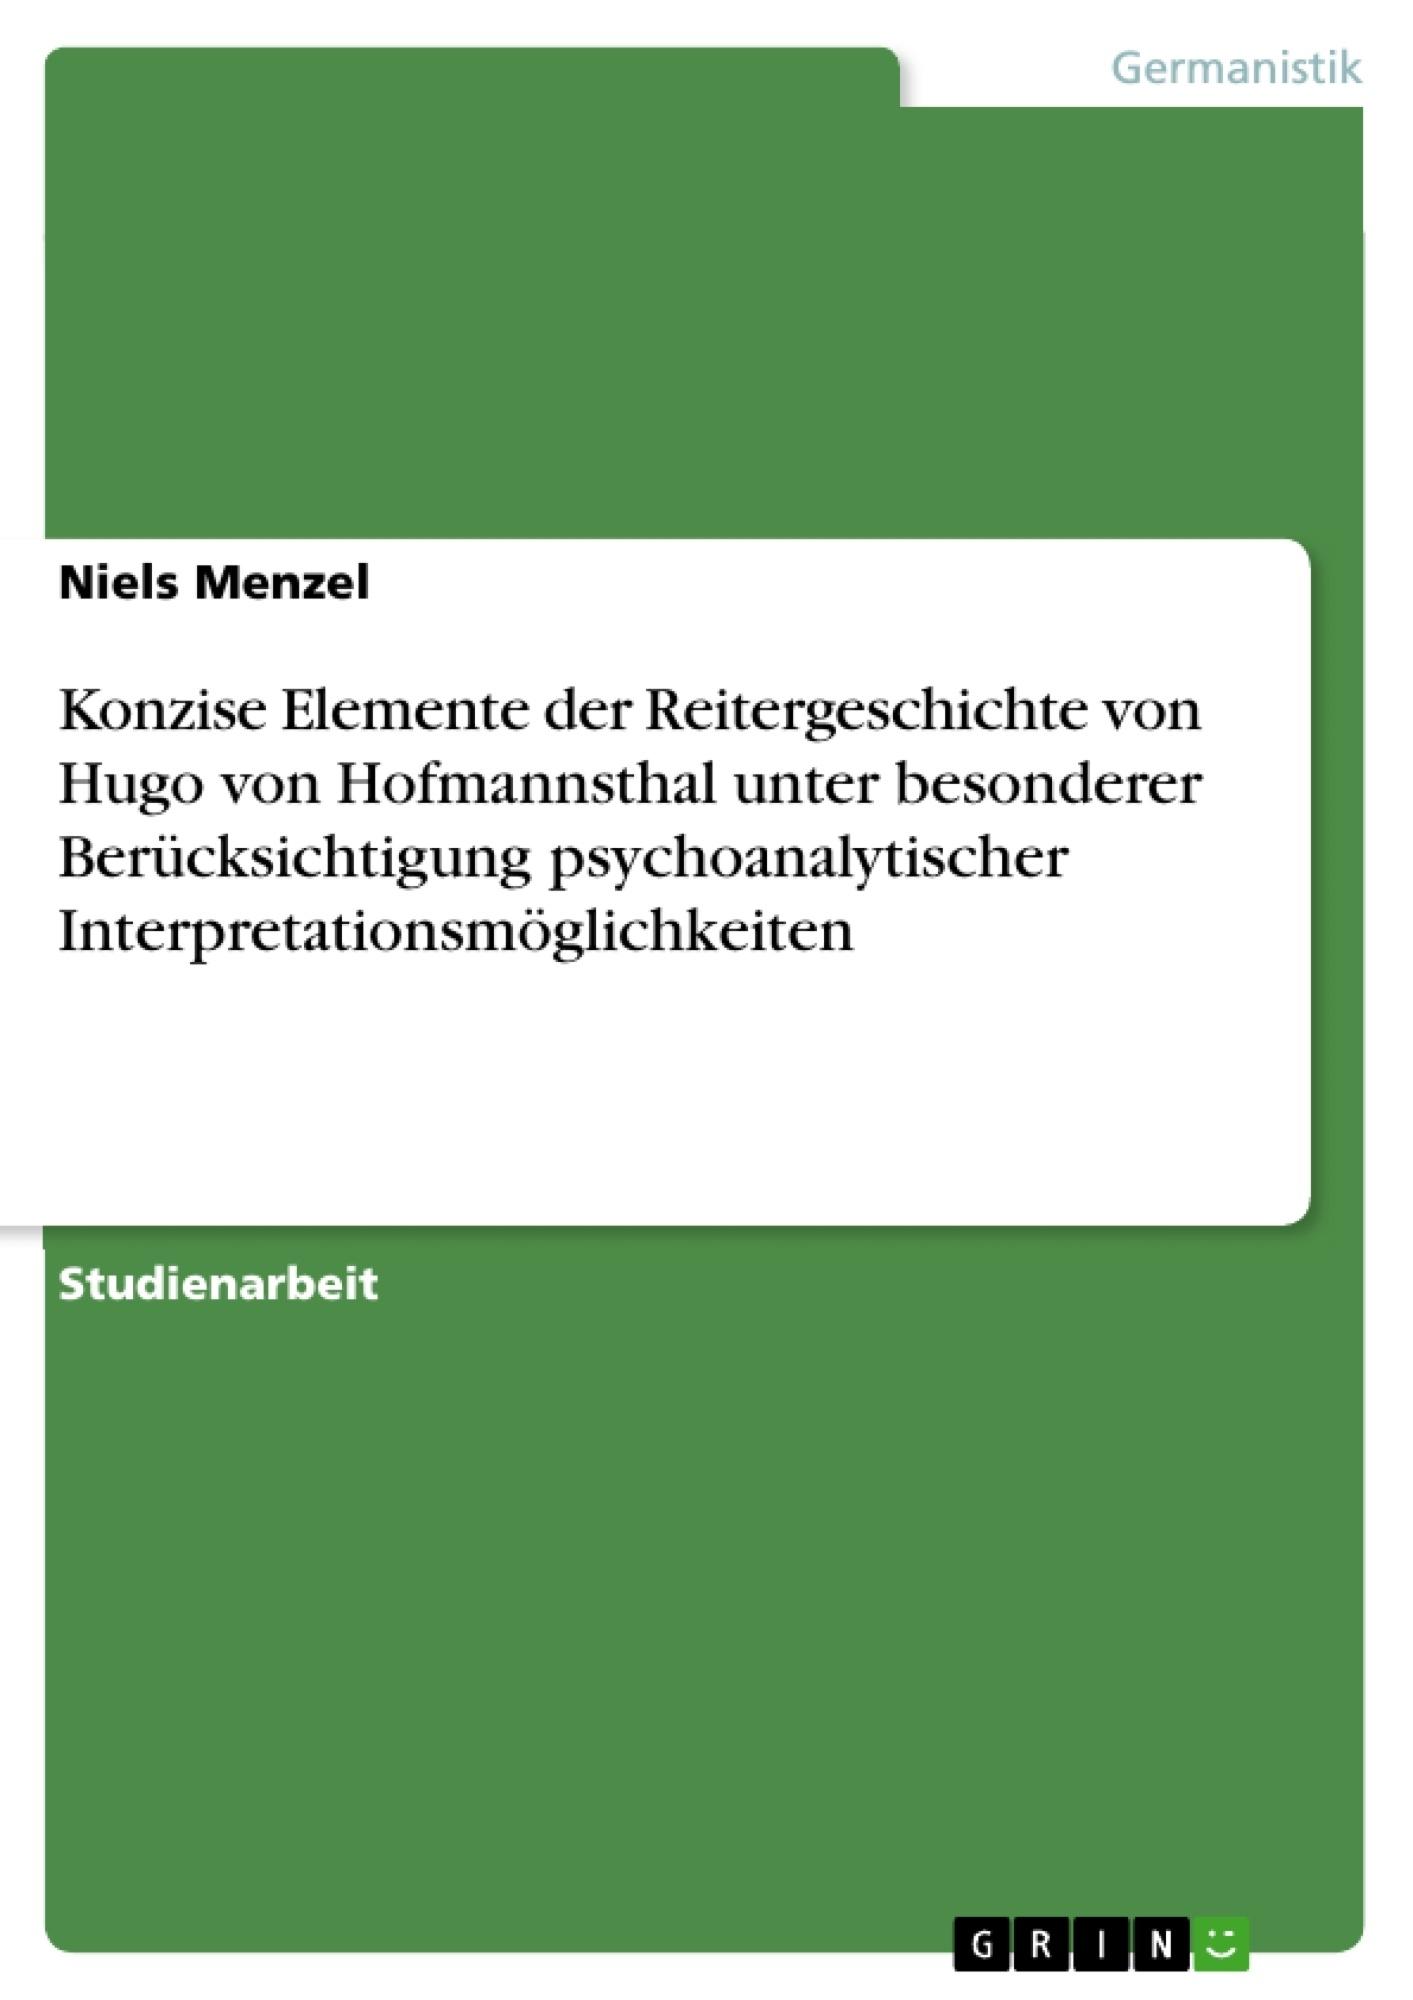 Titel: Konzise Elemente der Reitergeschichte von Hugo von Hofmannsthal unter besonderer Berücksichtigung psychoanalytischer Interpretationsmöglichkeiten